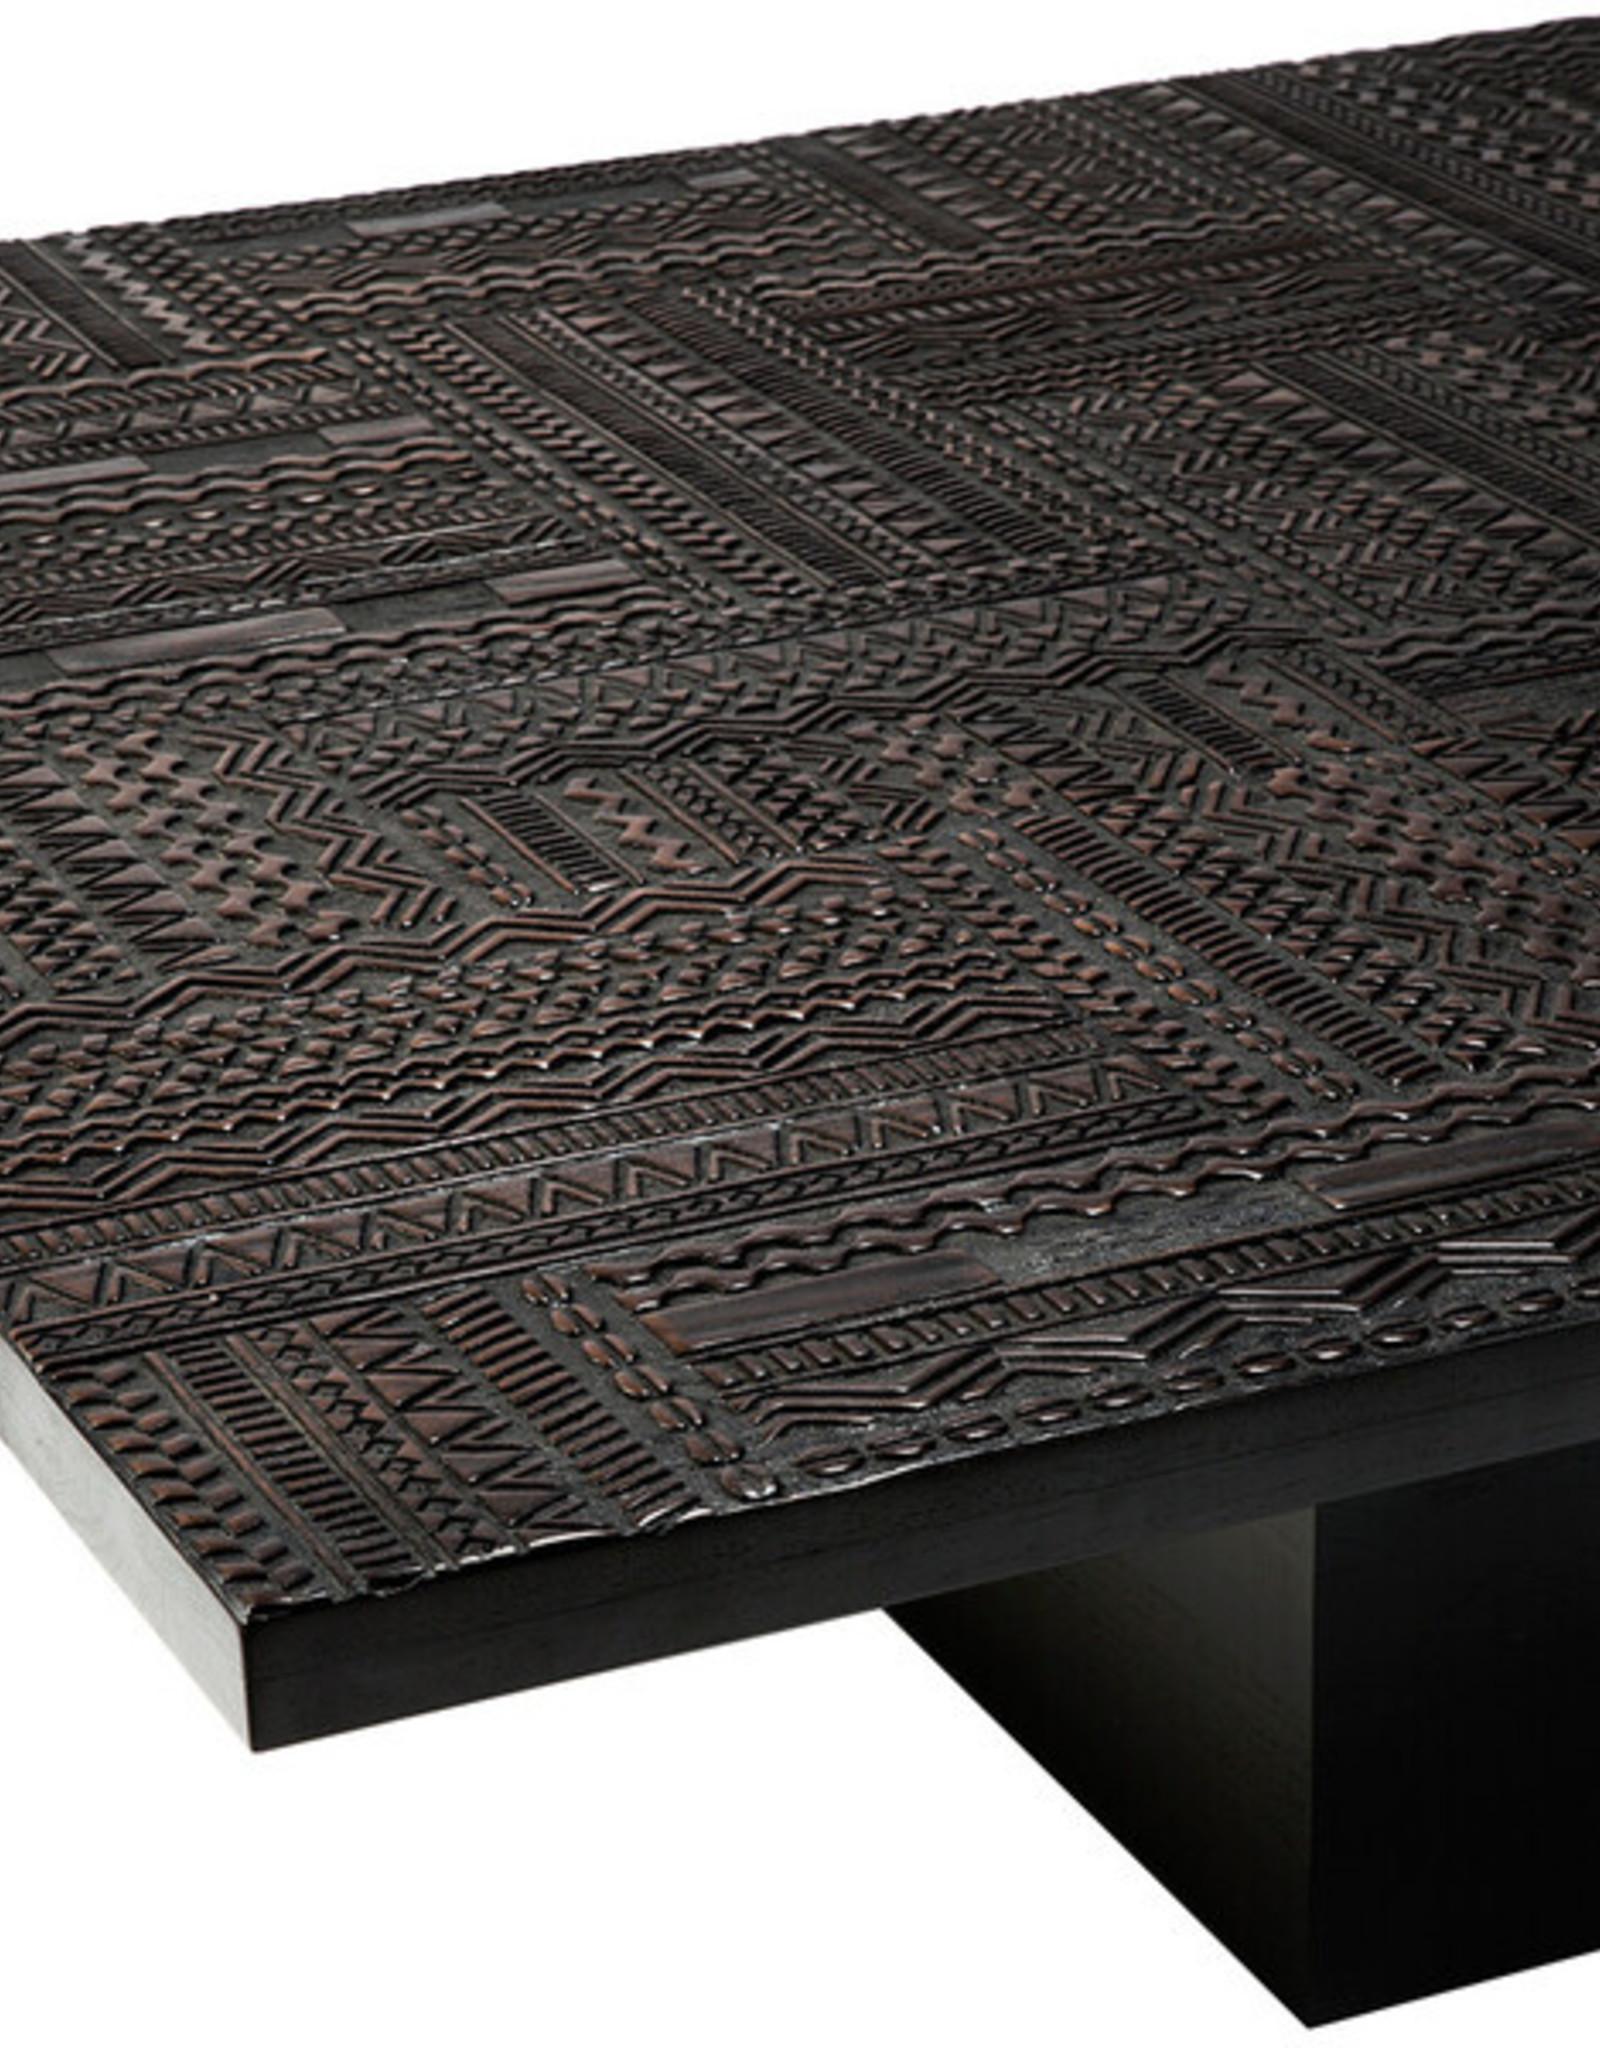 Teak Tabwa Blok coffee table - Varnished